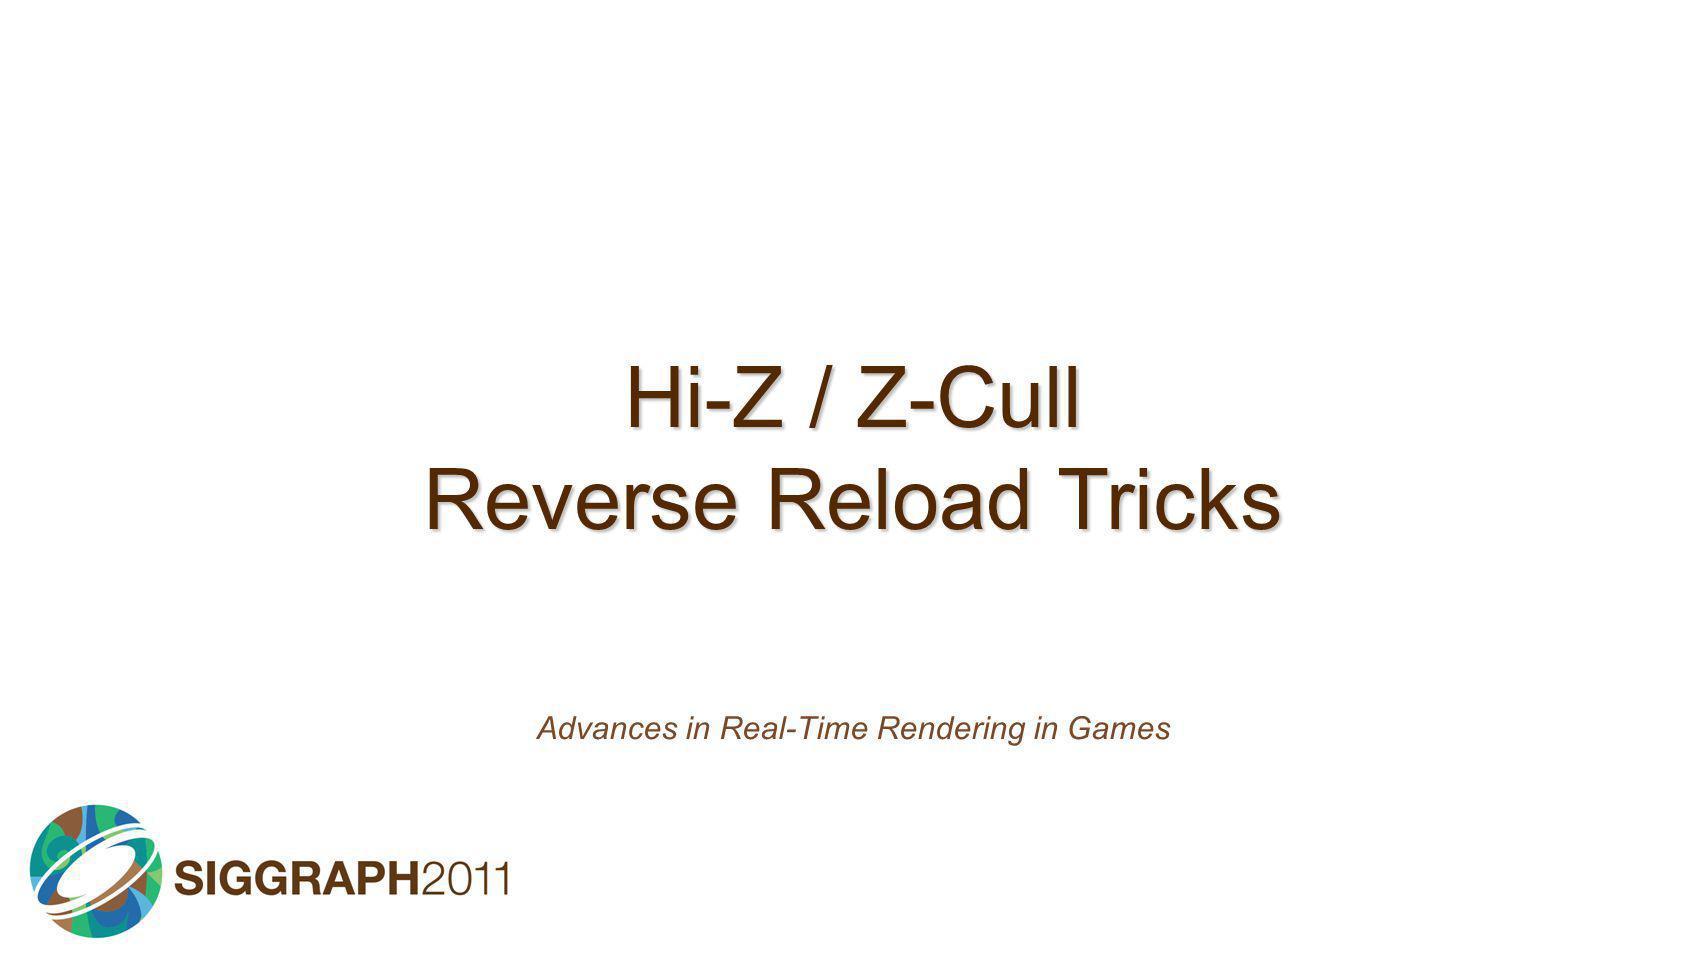 Hi-Z / Z-Cull Reverse Reload Tricks Advances in Real-Time Rendering in Games